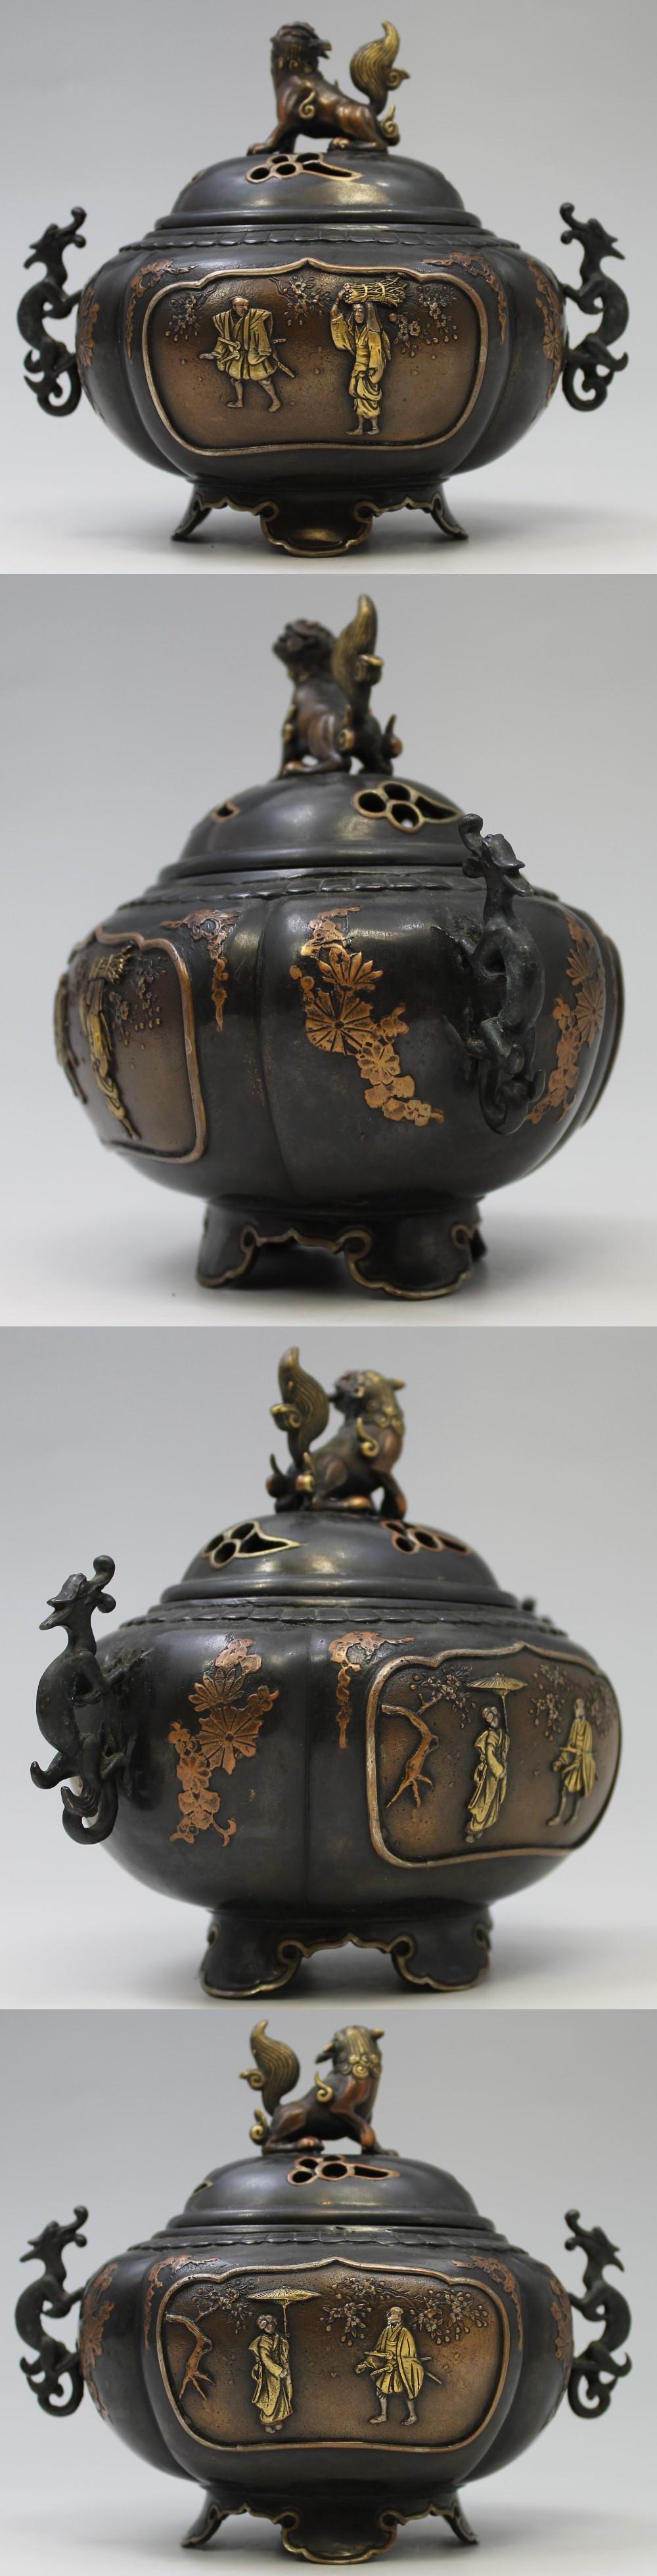 139高岡銅器唐獅子牡丹香炉3